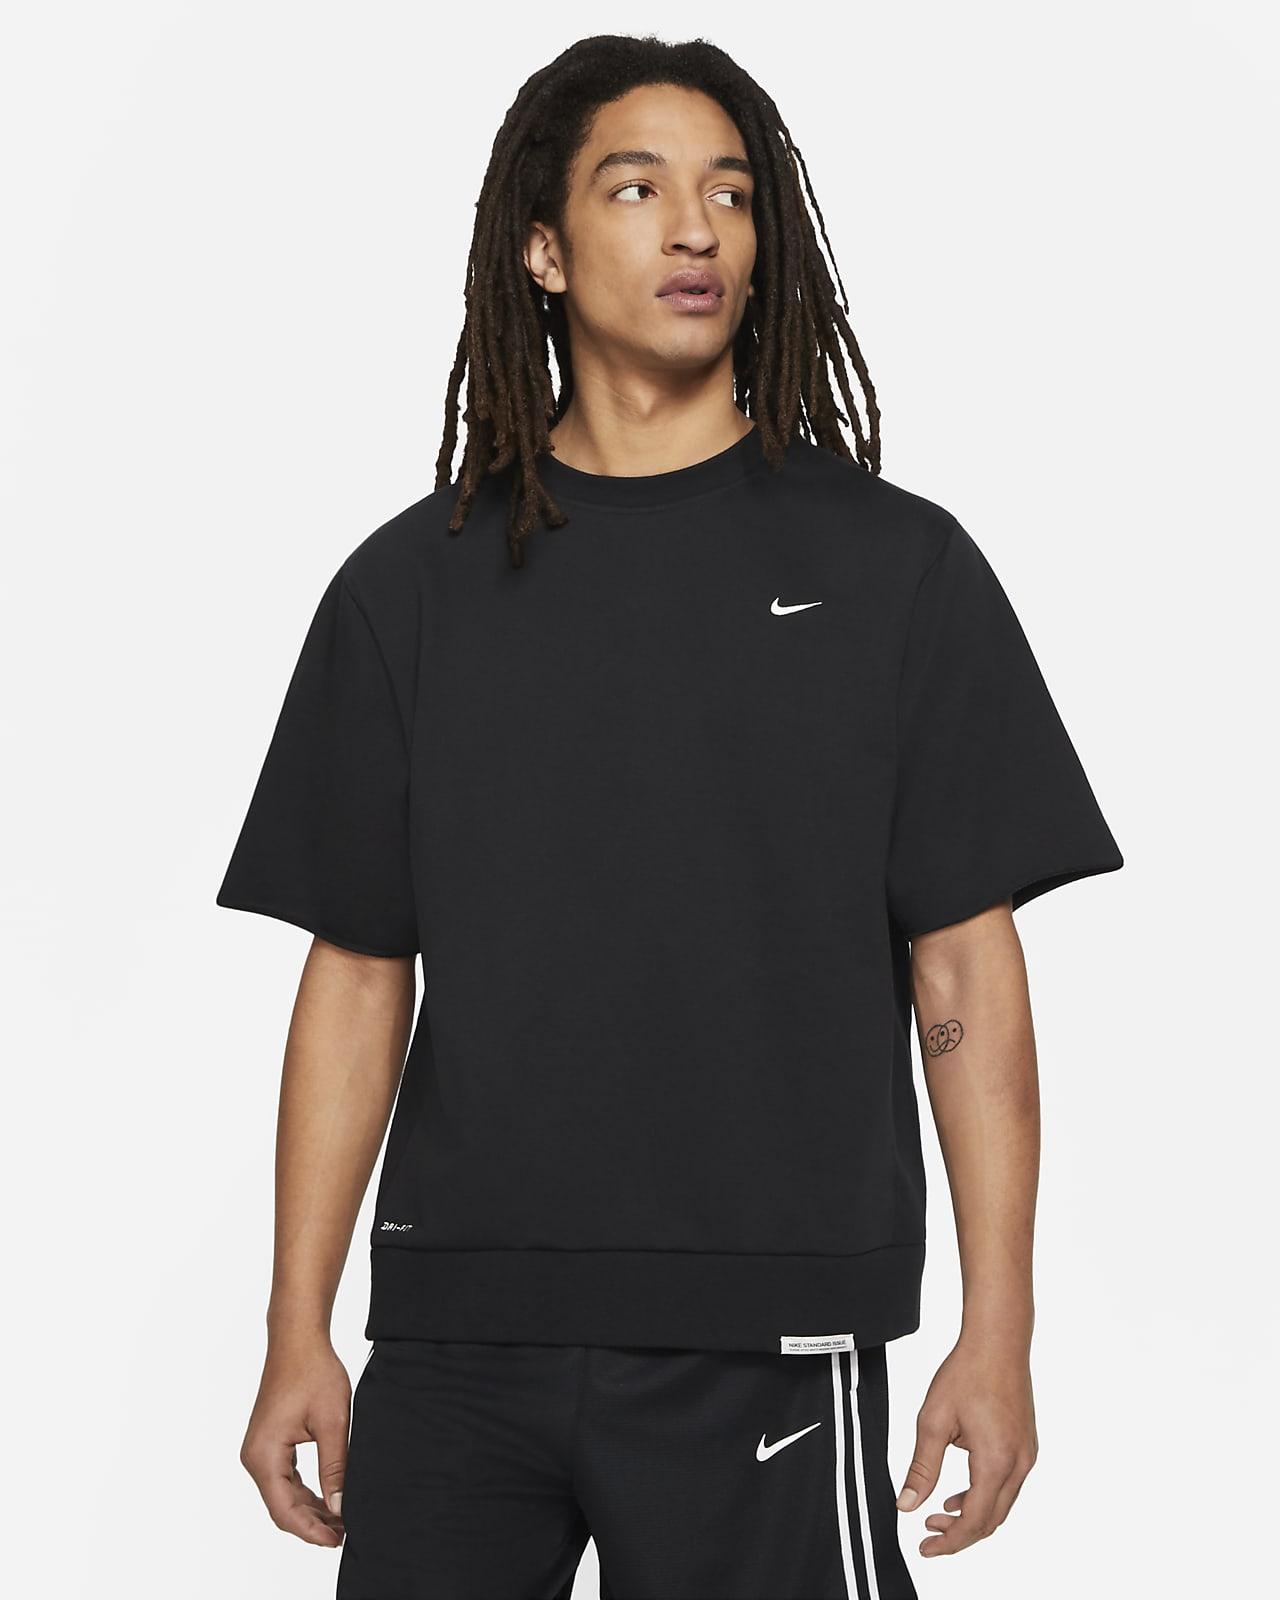 Maglia a girocollo tagliata da basket Nike Dri-FIT Standard Issue - Uomo